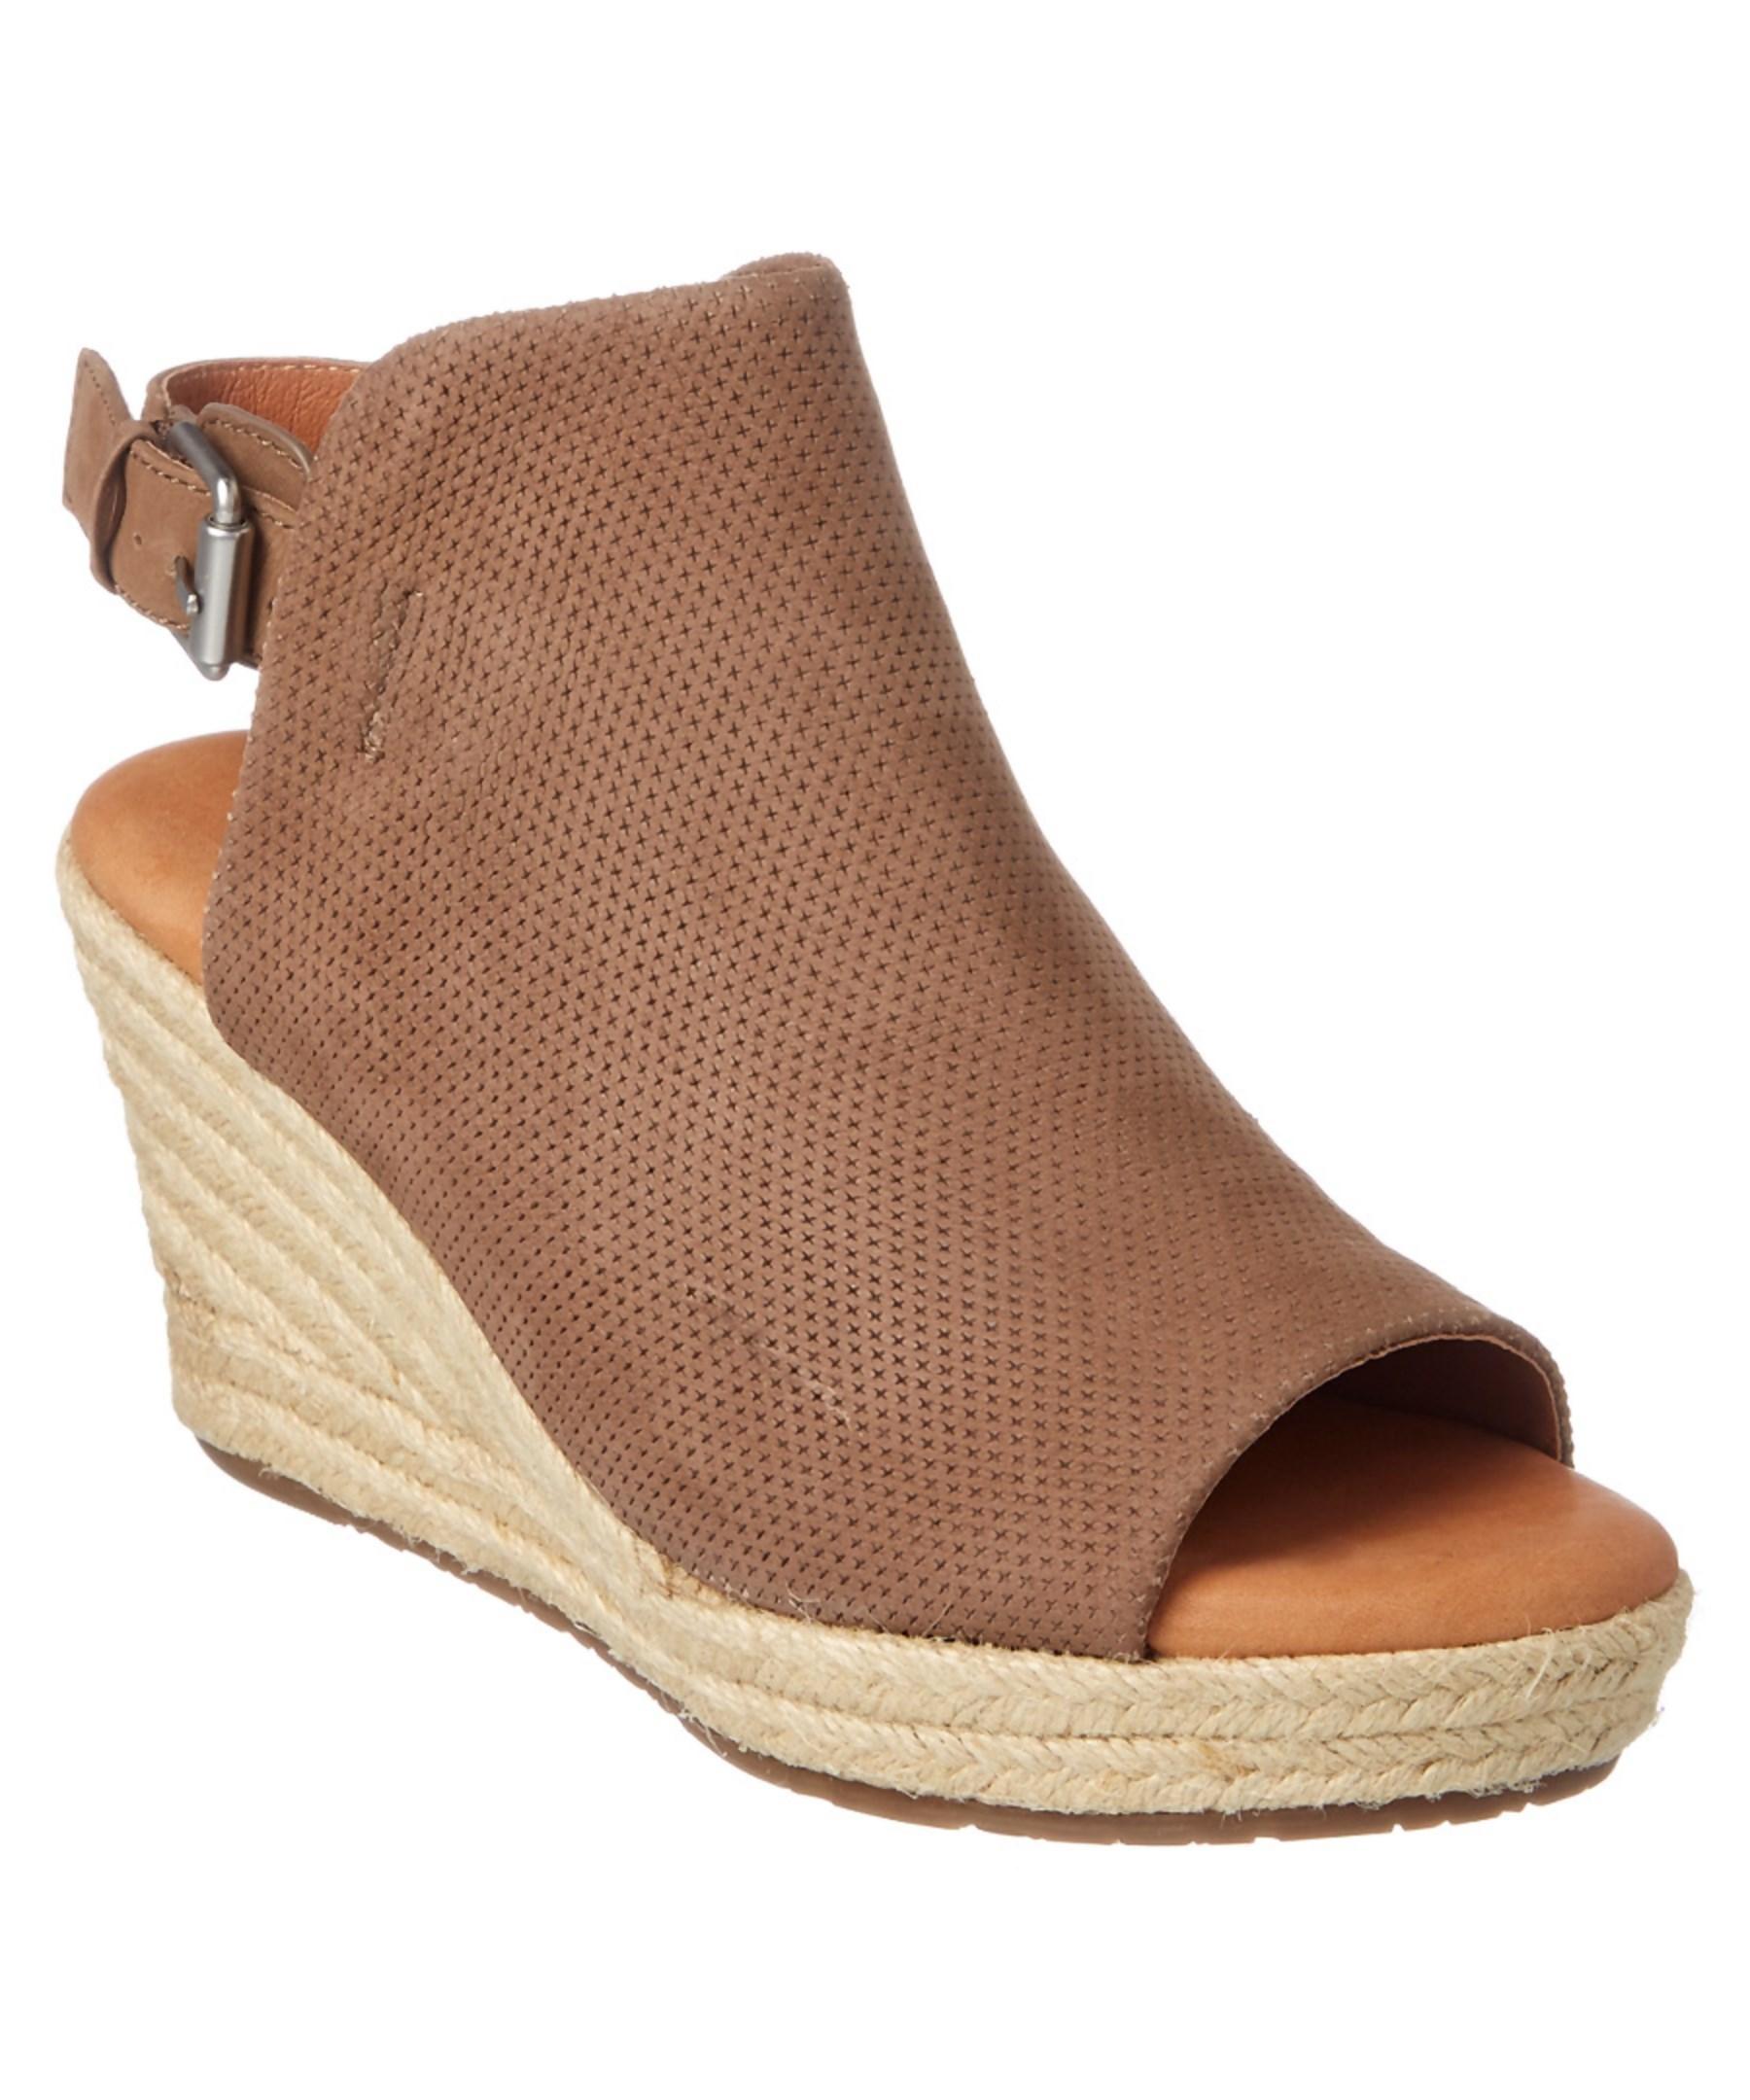 Mens Gentle Shoes